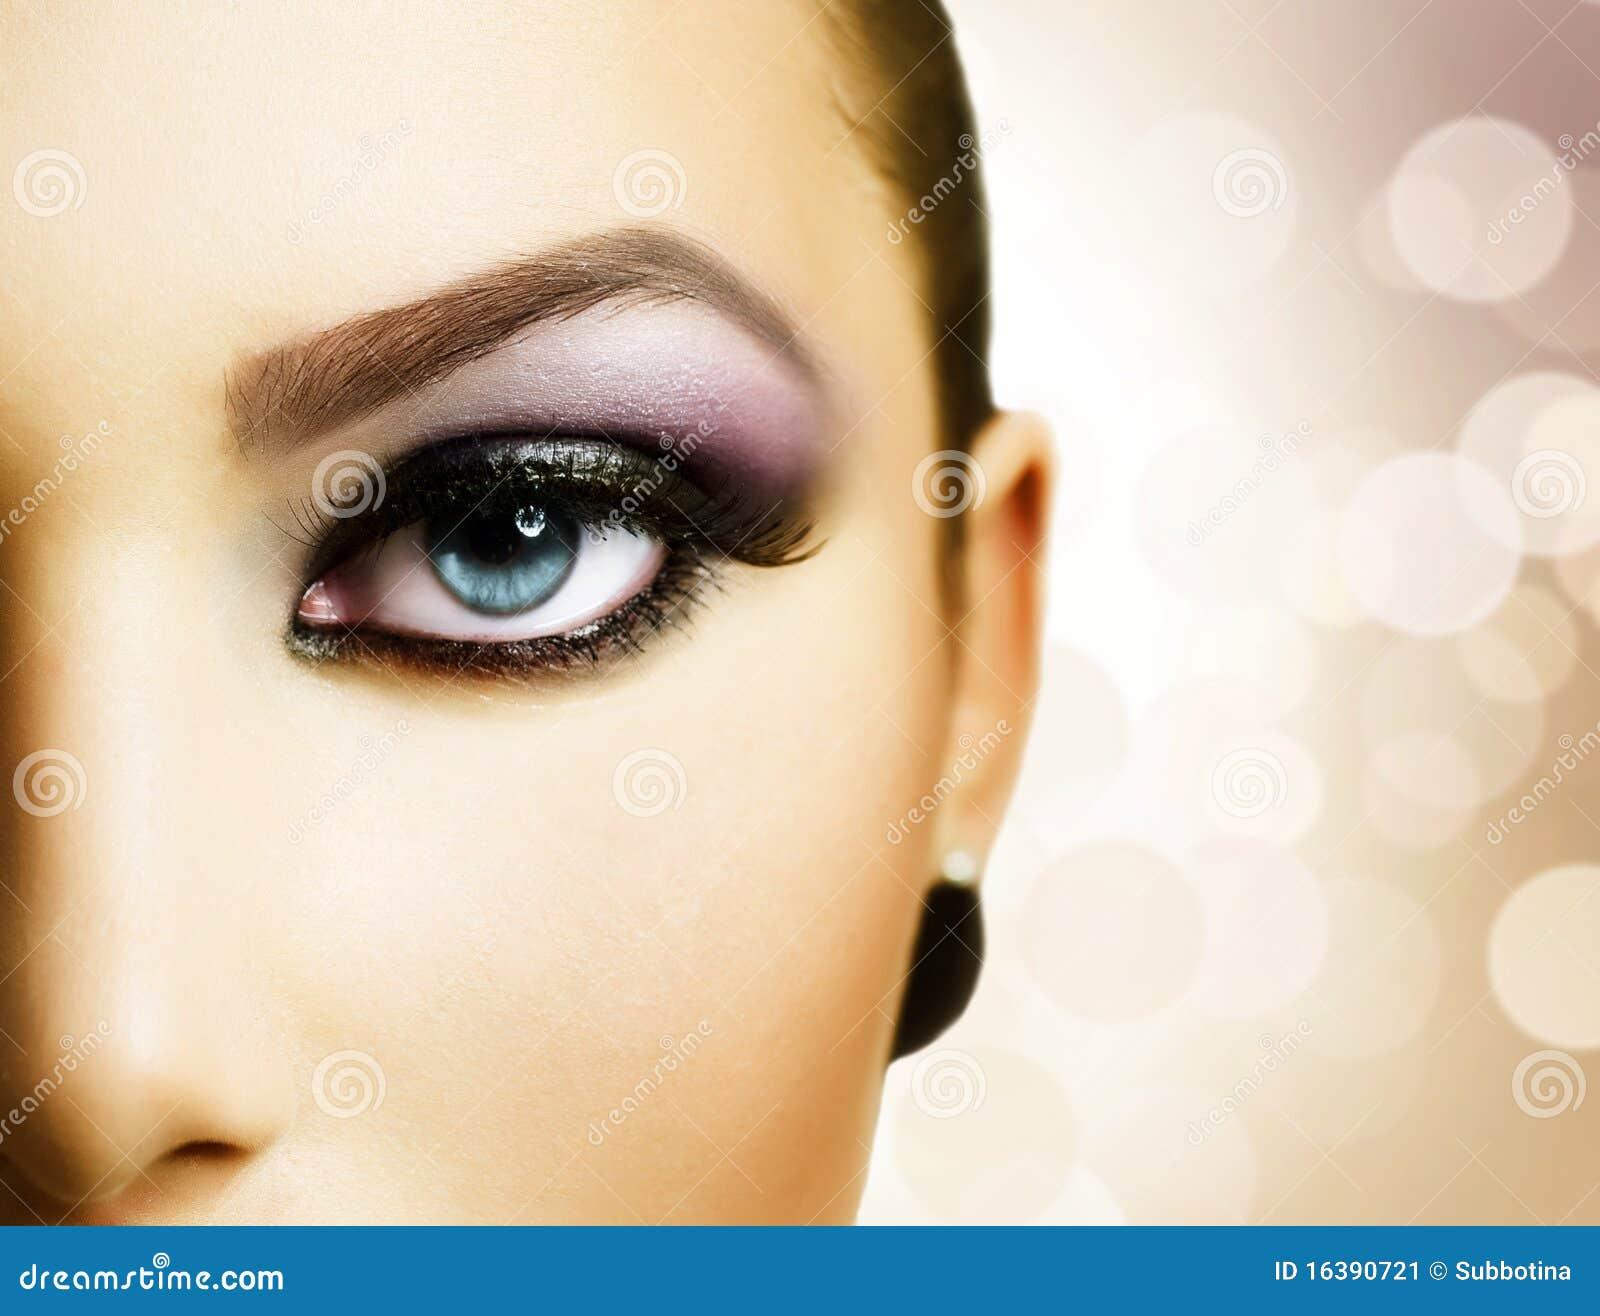 De mooie Make-up van het Oog